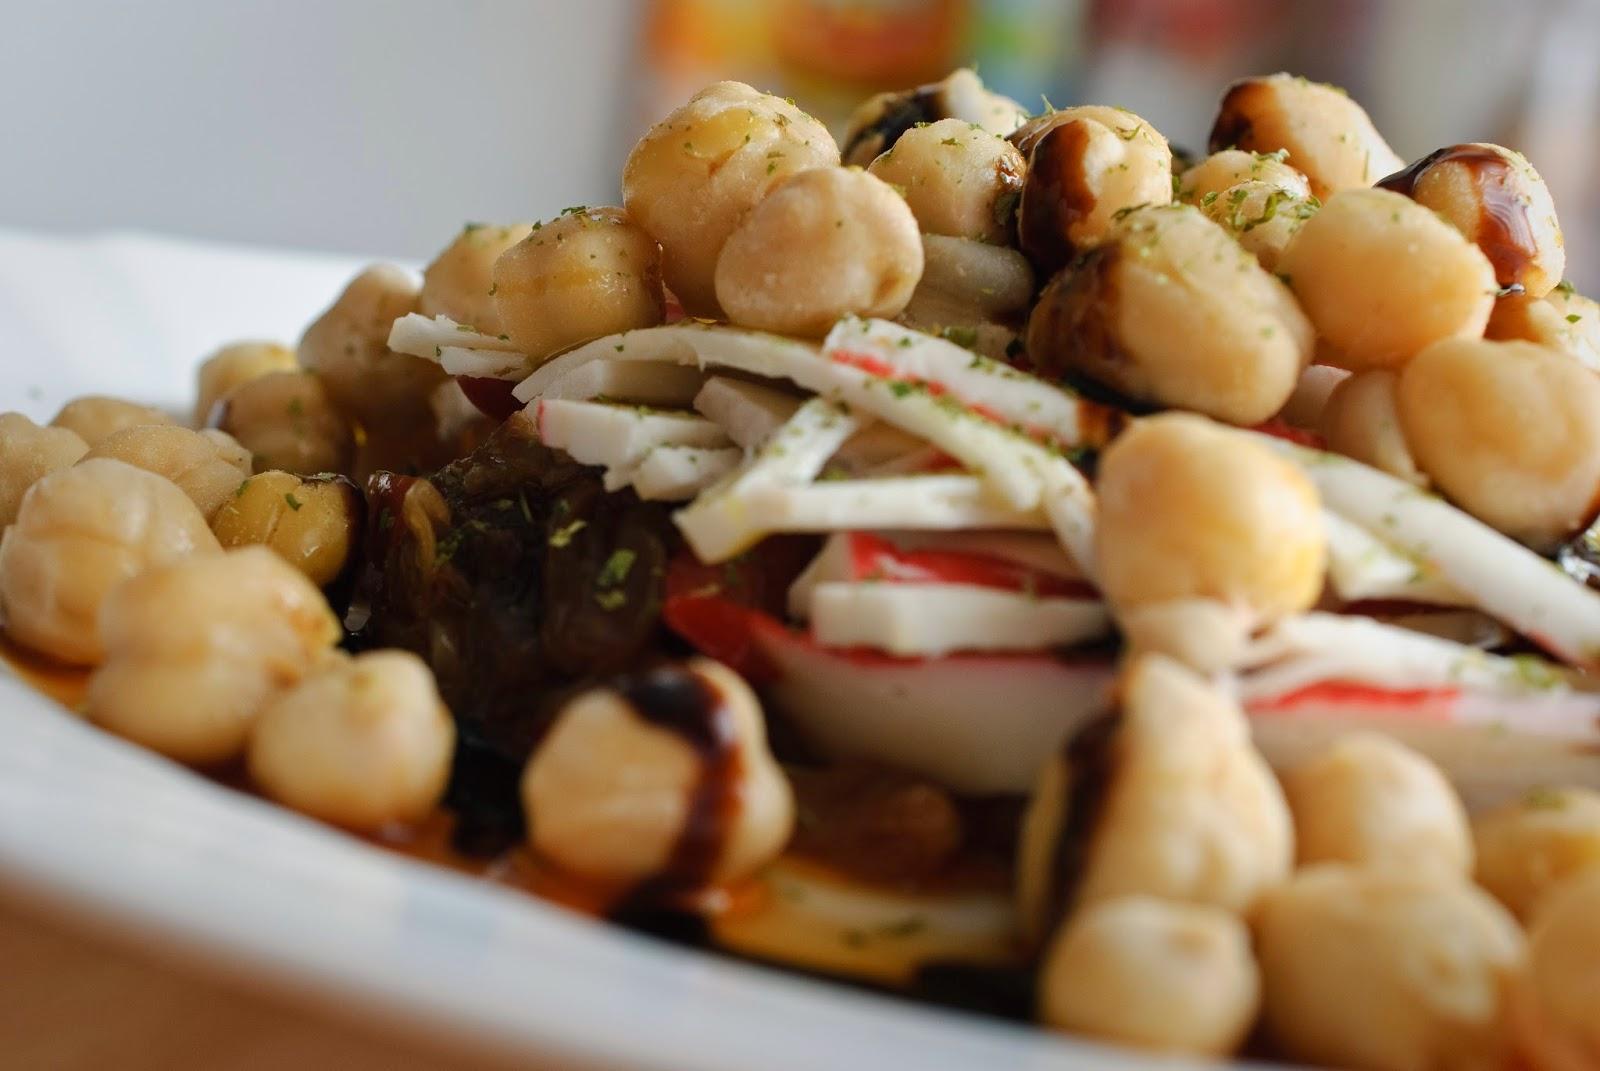 Ensalada de garbanzos; chickpea salad